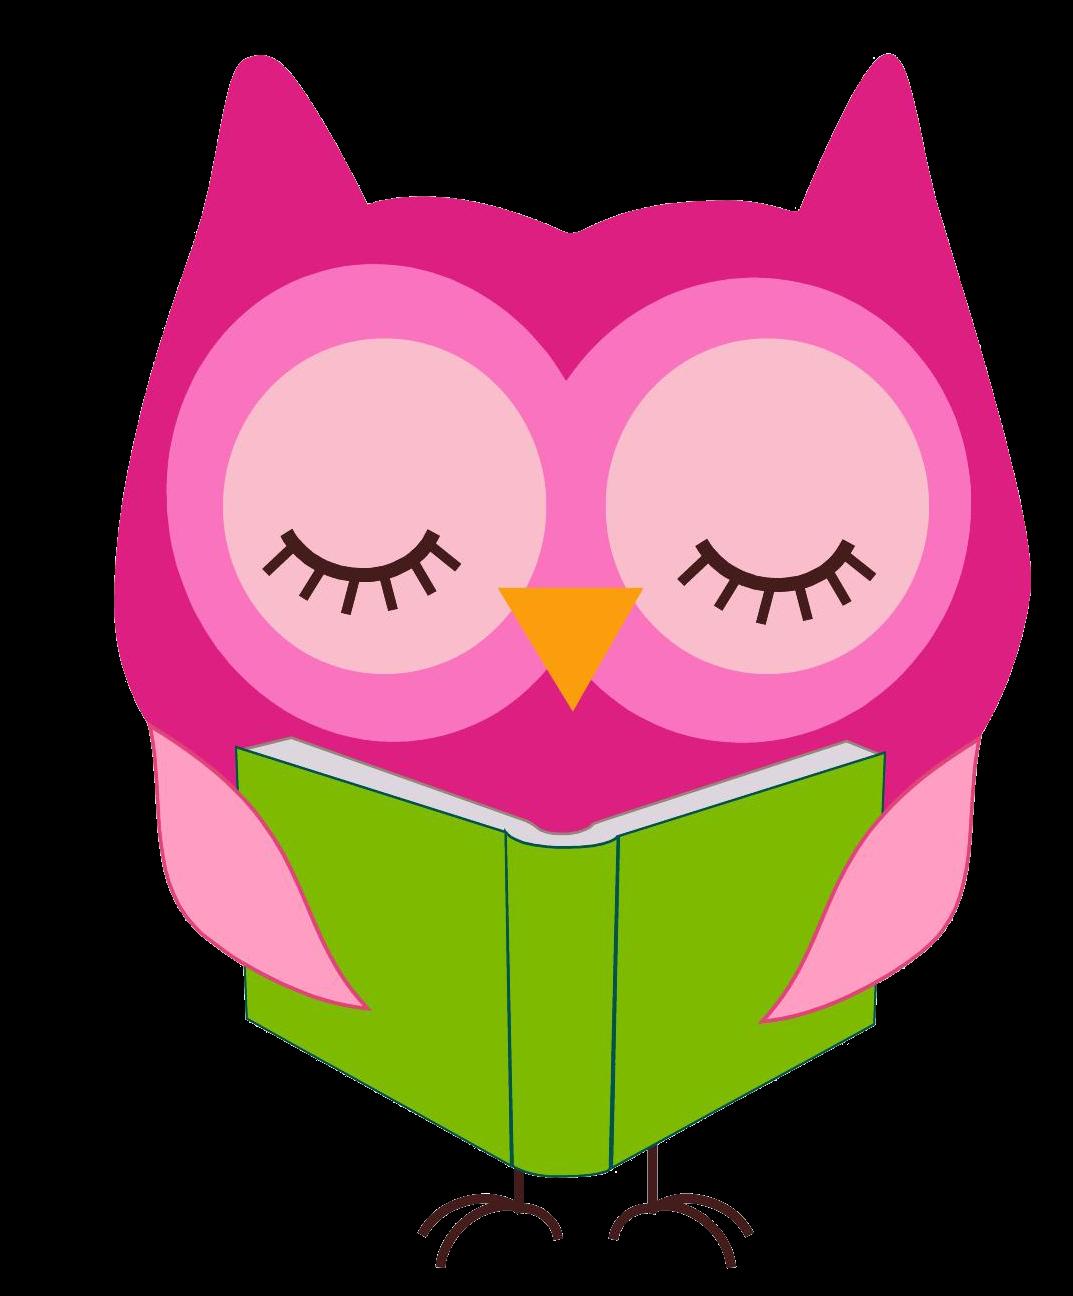 math owl clipart - photo #33